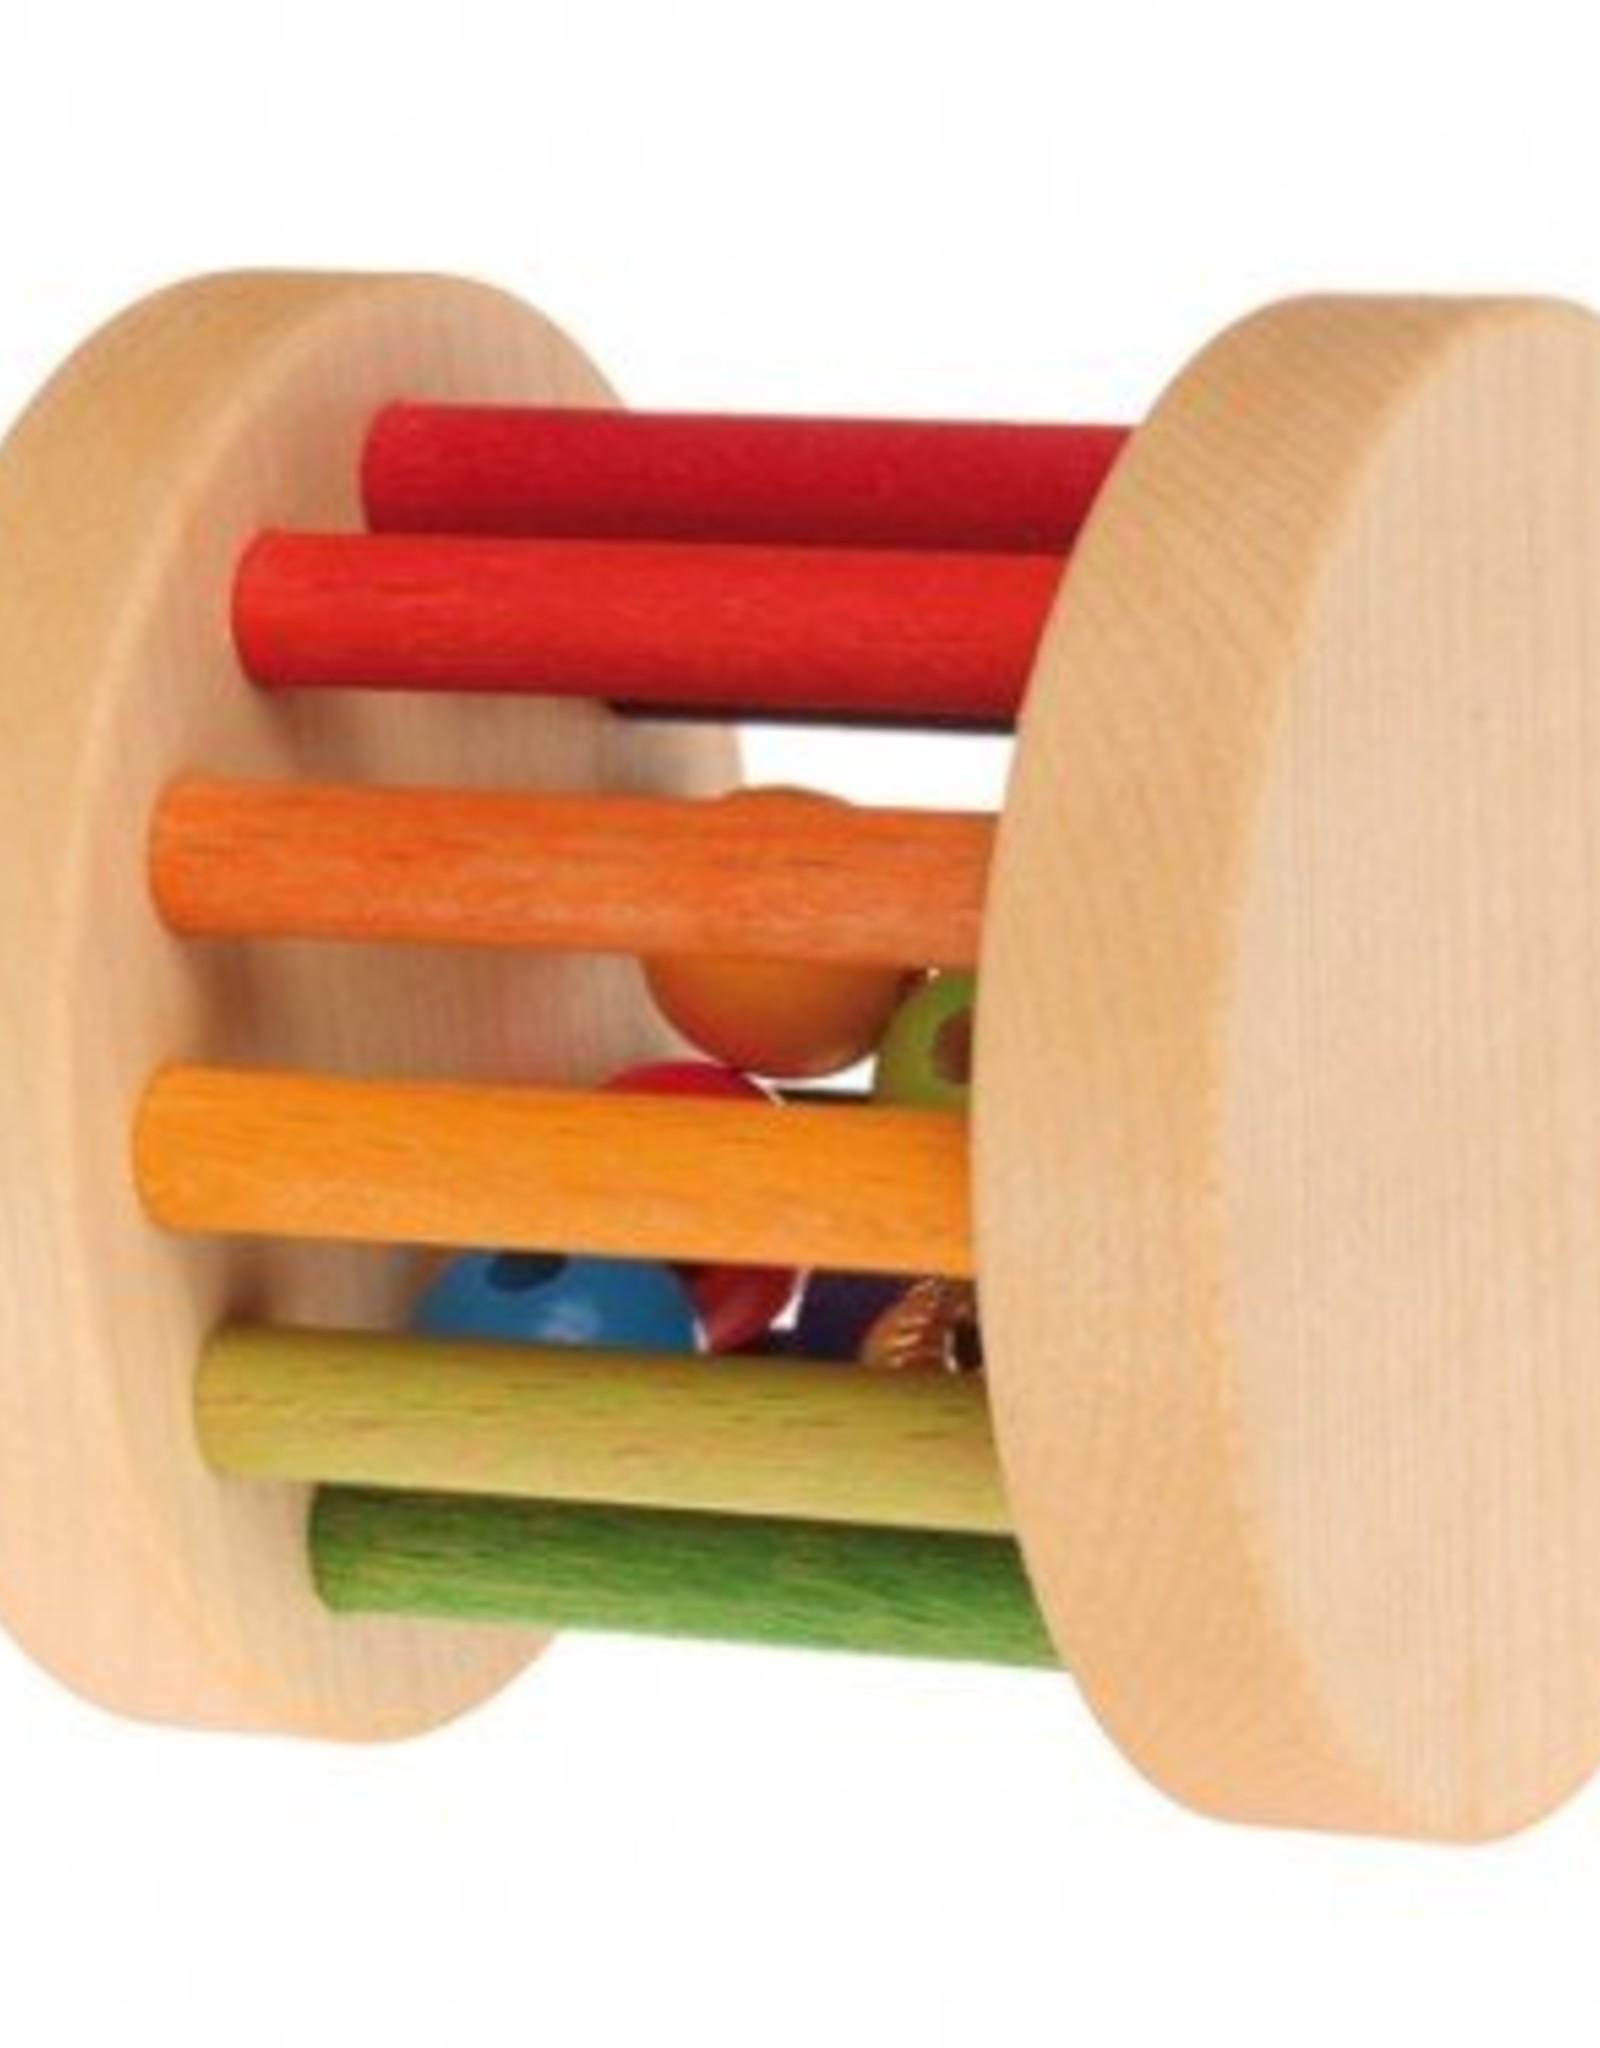 Grimm's Grimm's - Mini Rolling Wheel with Bells